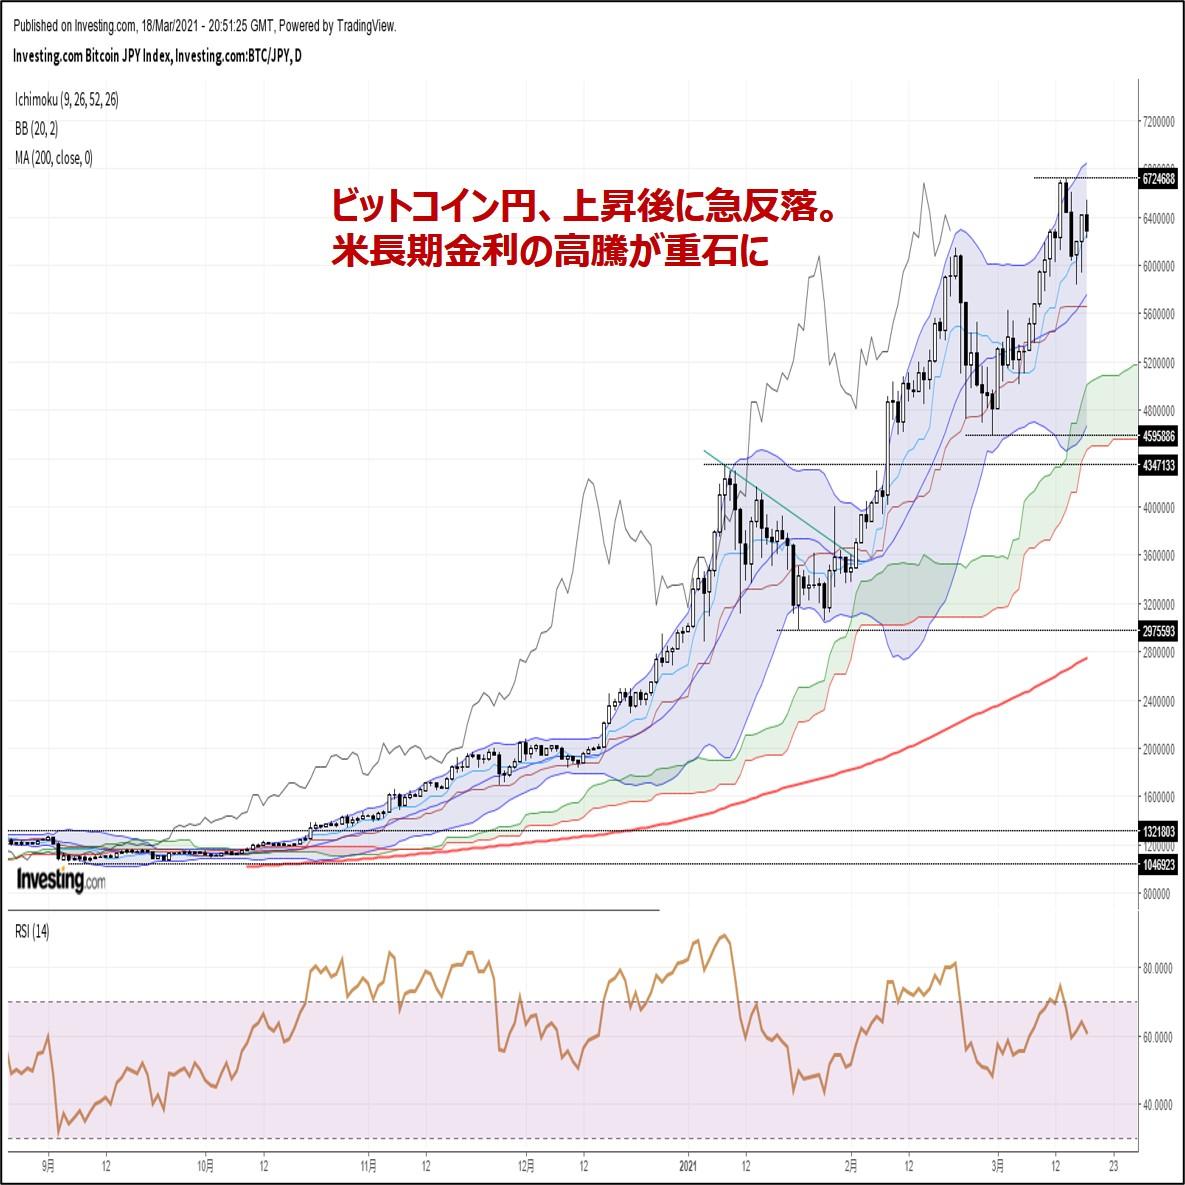 ビットコイン円、上昇後に急反落。米長期金利の高騰が重石に(3/19朝)